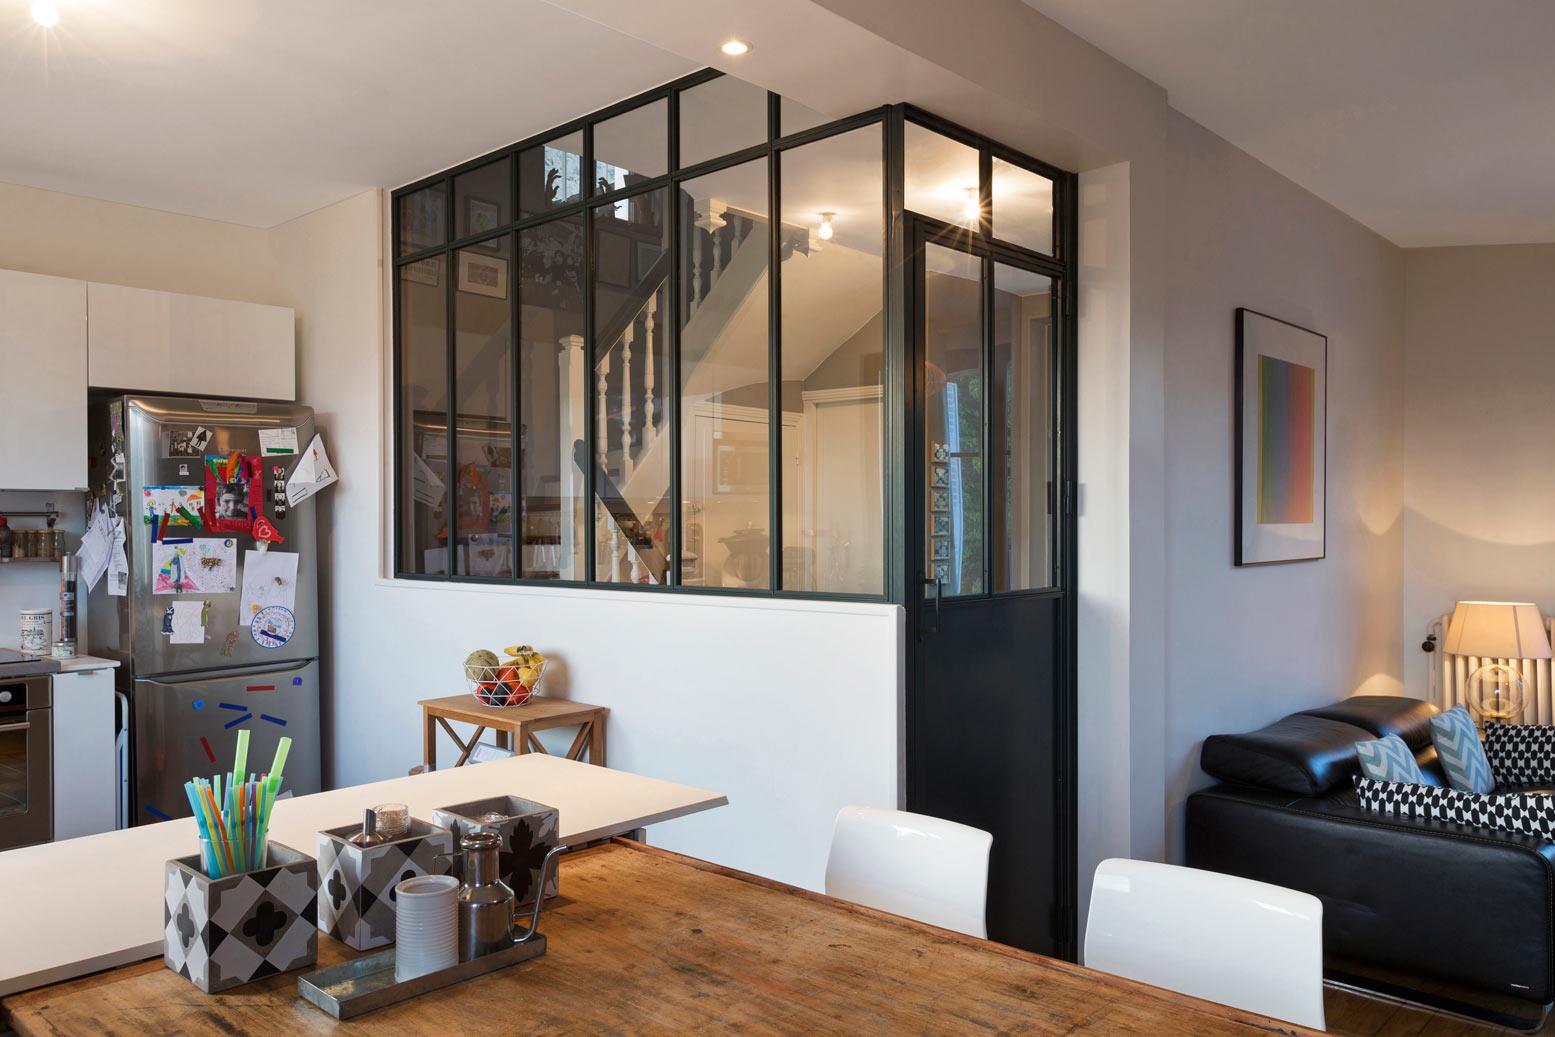 Verri re de s paration atelier d 39 artiste sur un muret en angle for Verriere cloison vitree